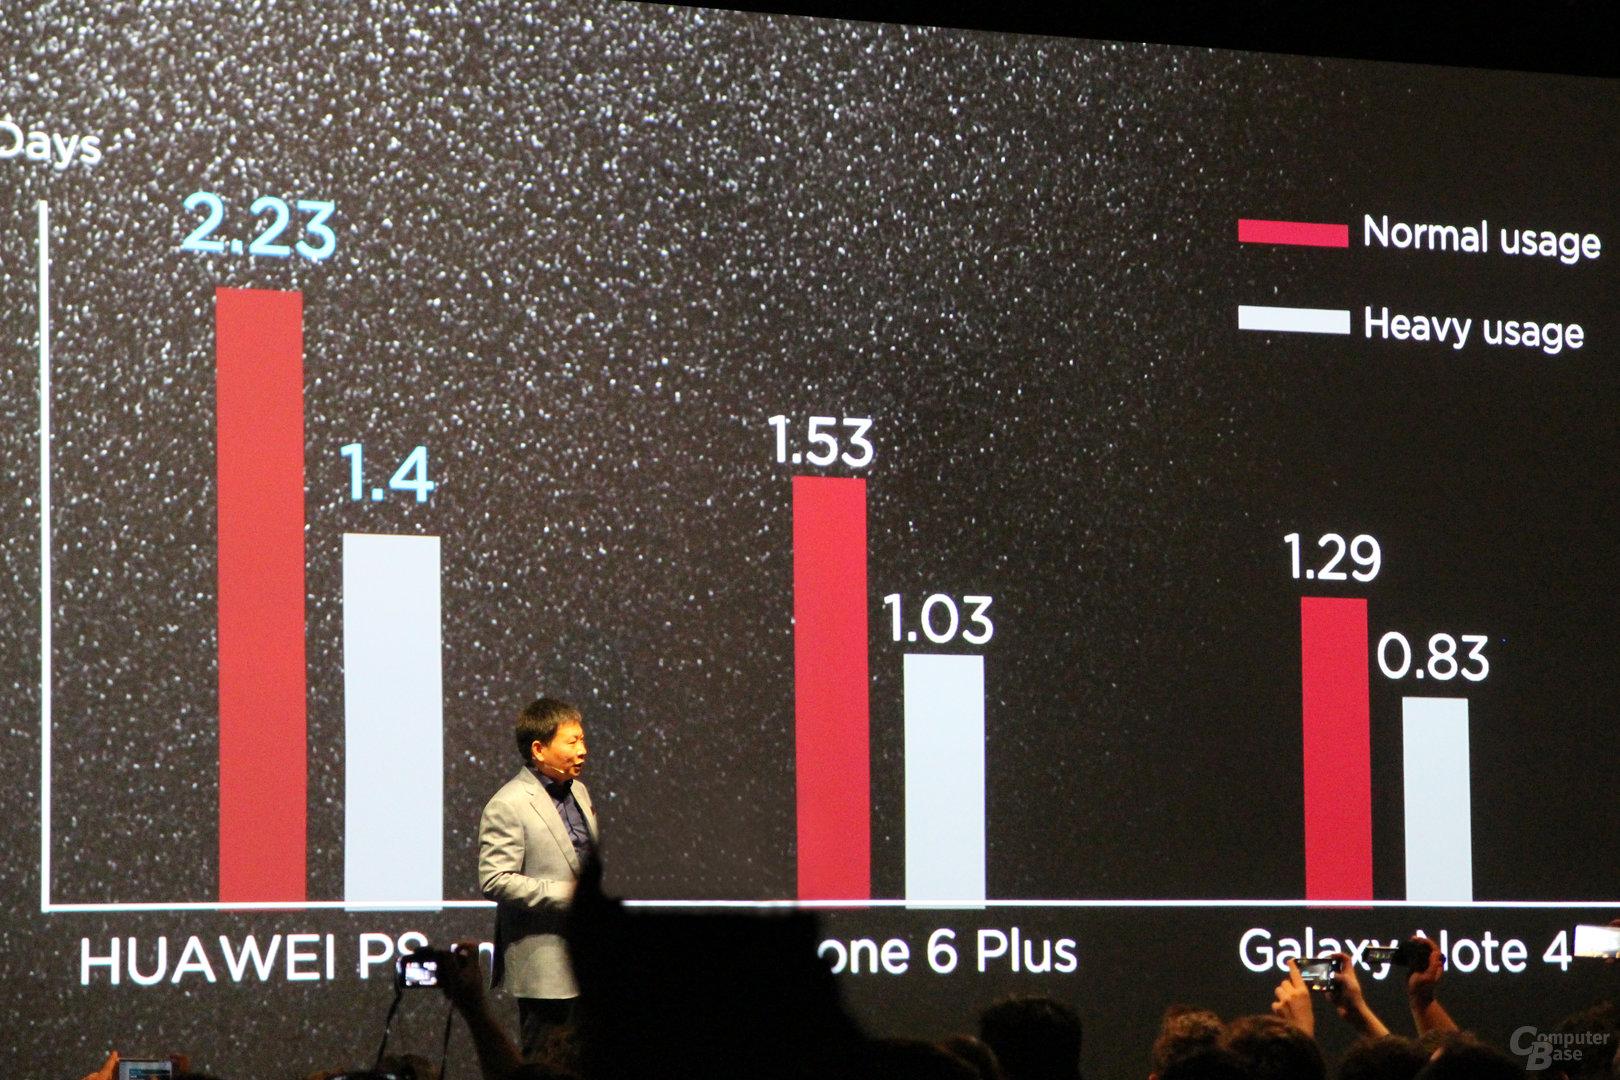 Richard Yu bei der Vorstellung des Huawei P8 Max